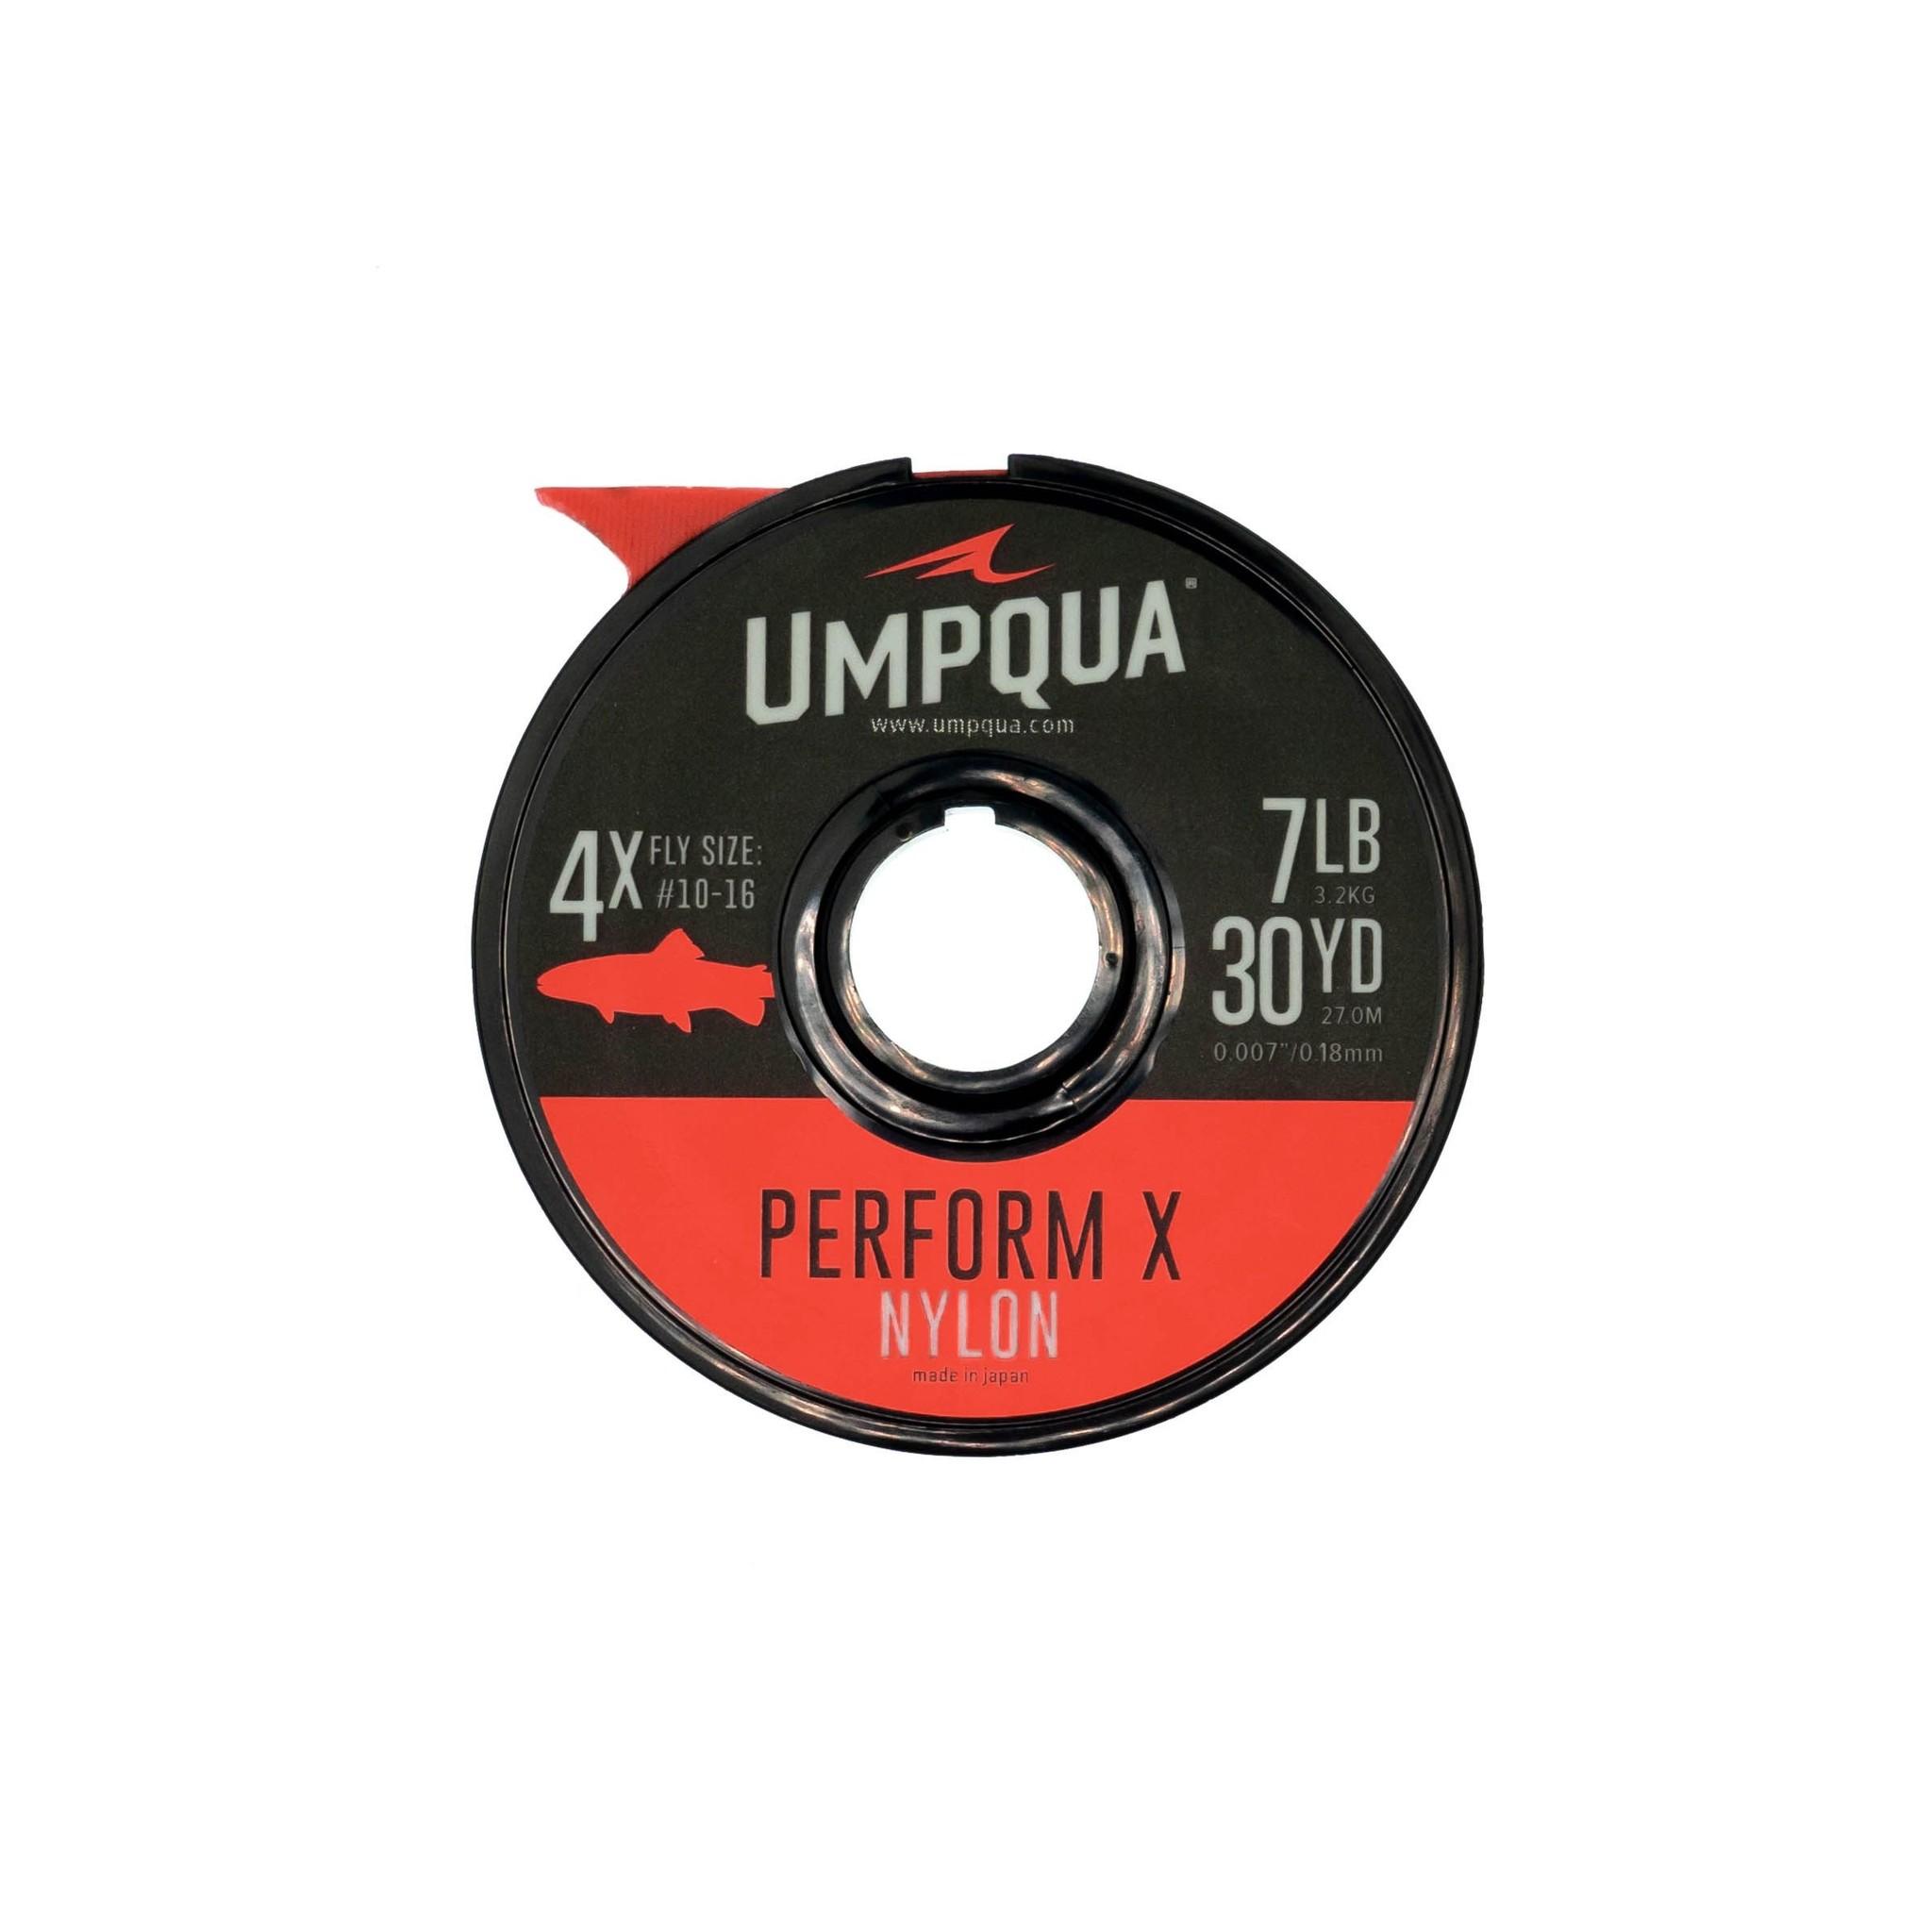 UMPQUA Umpqua Perform X Nylon Tippet